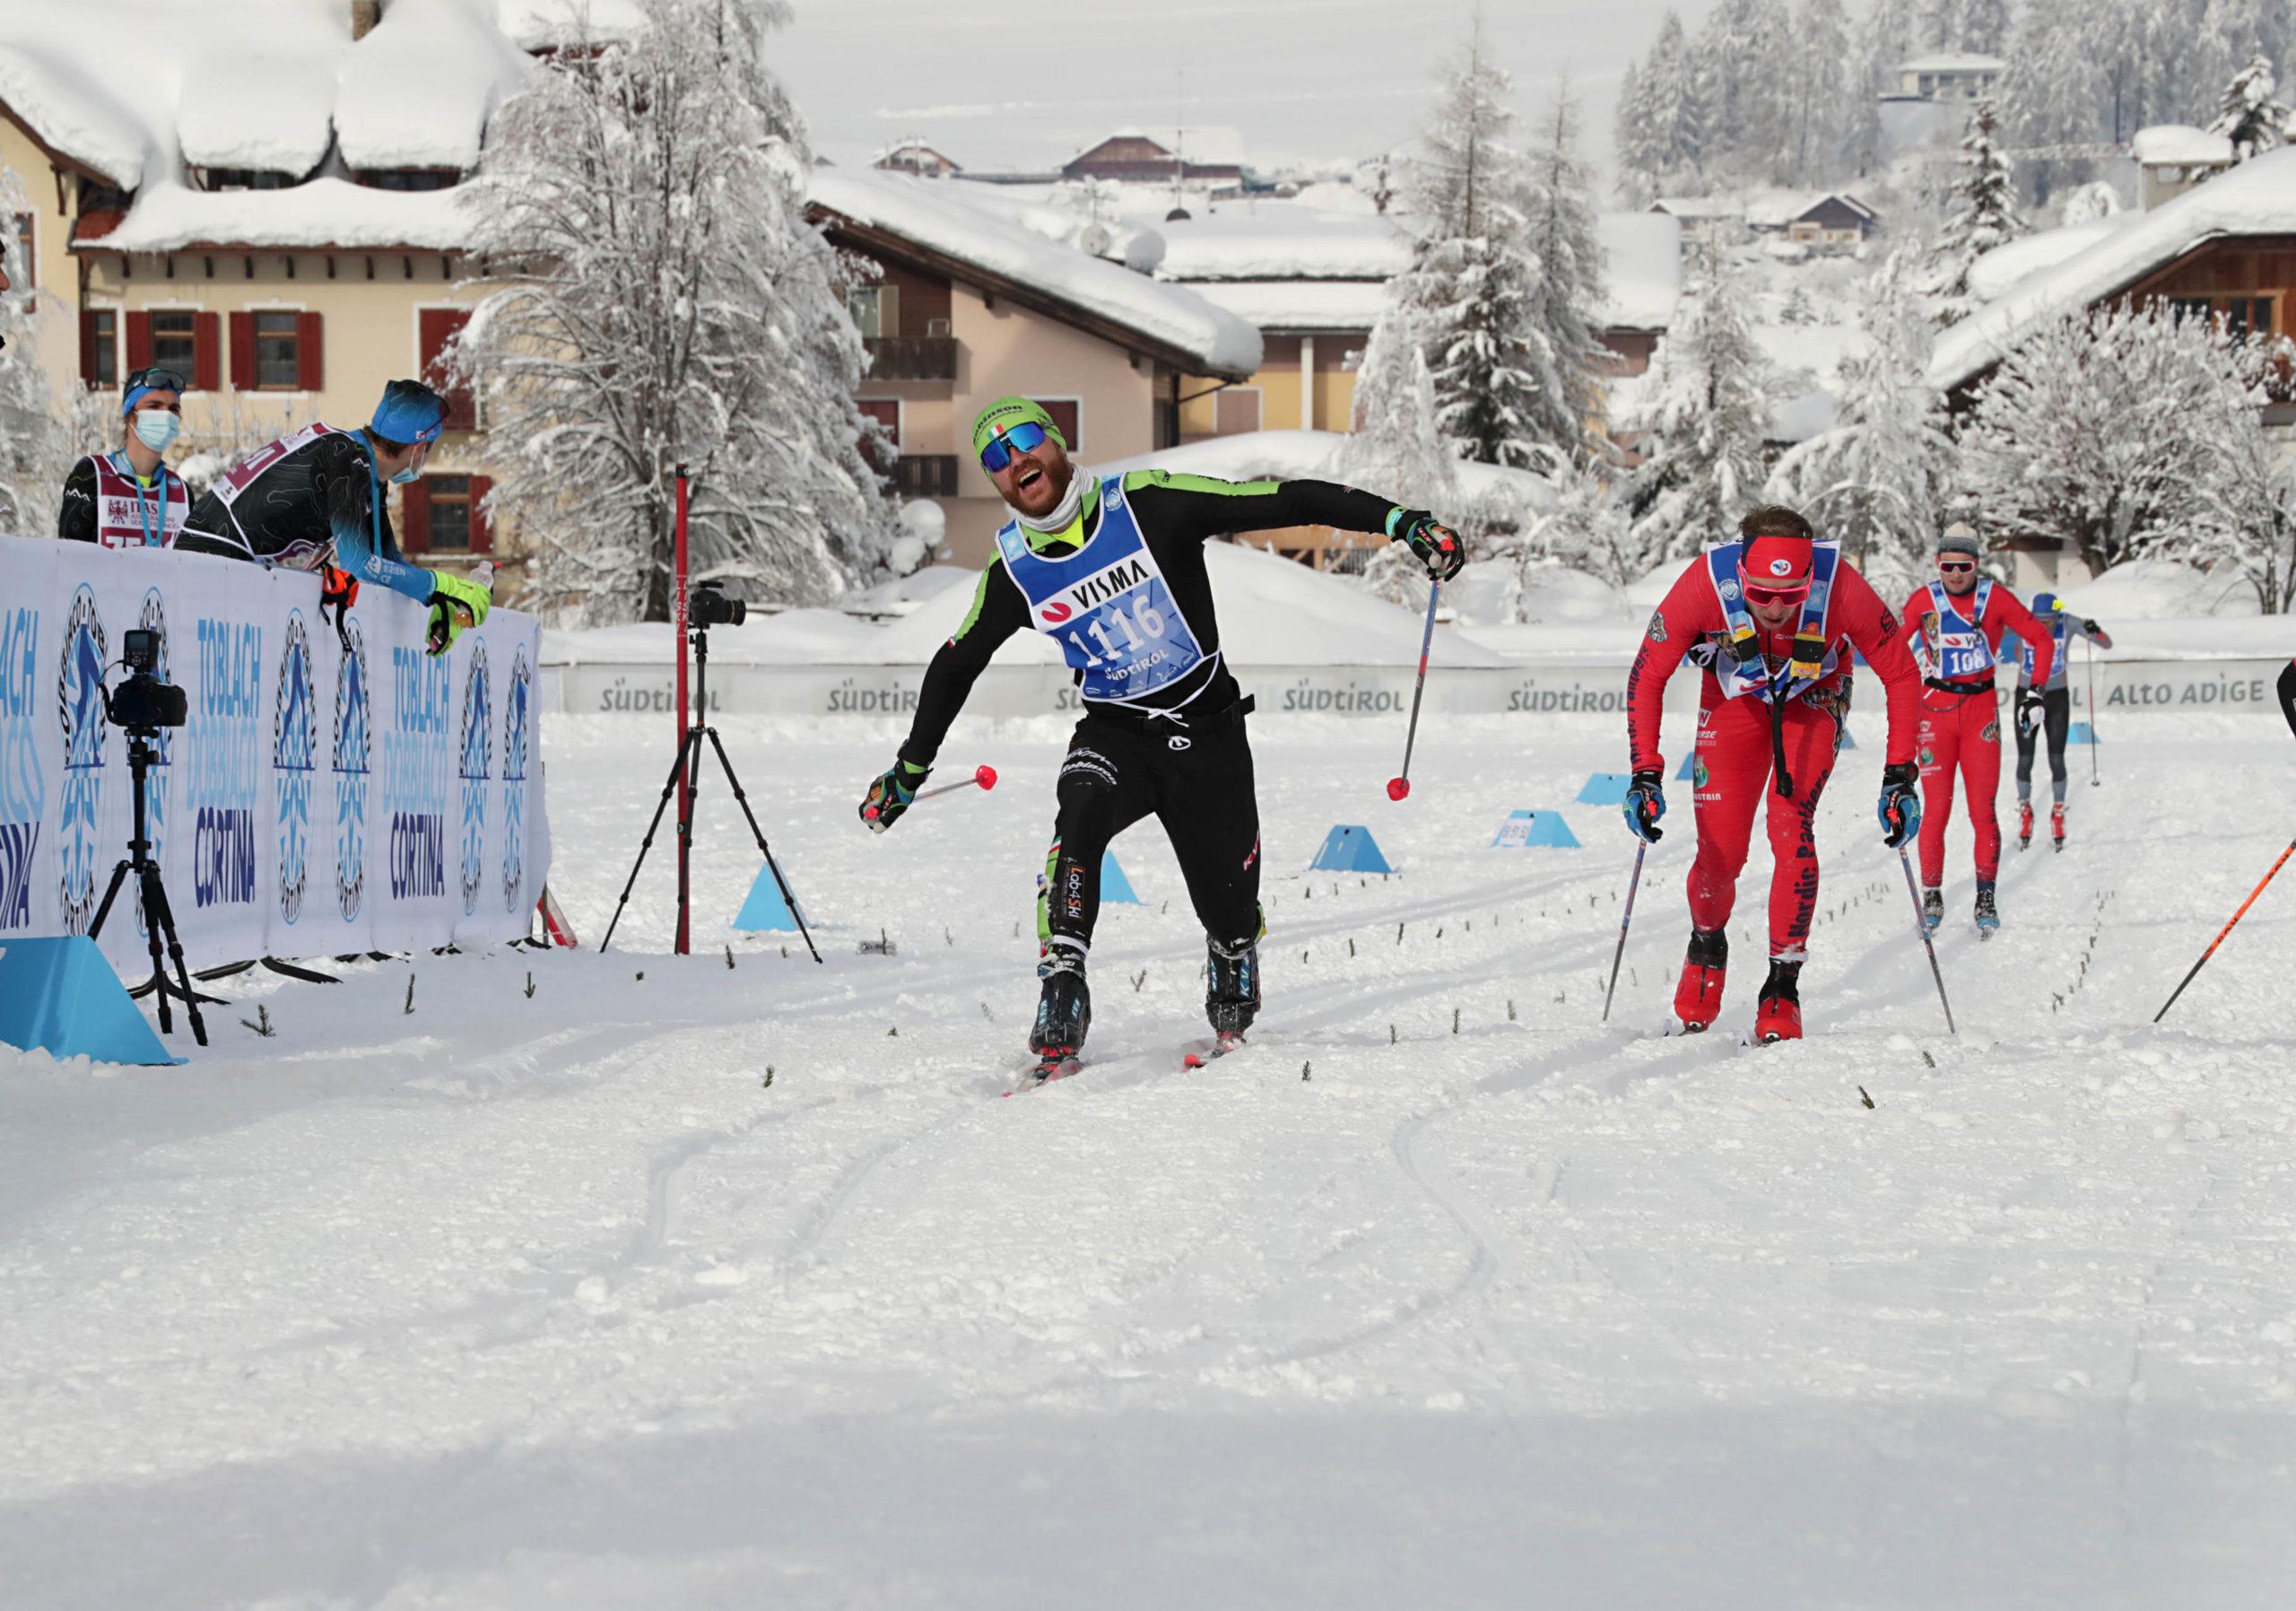 Cerutti granfondo Dobbiaco Cortina 2021